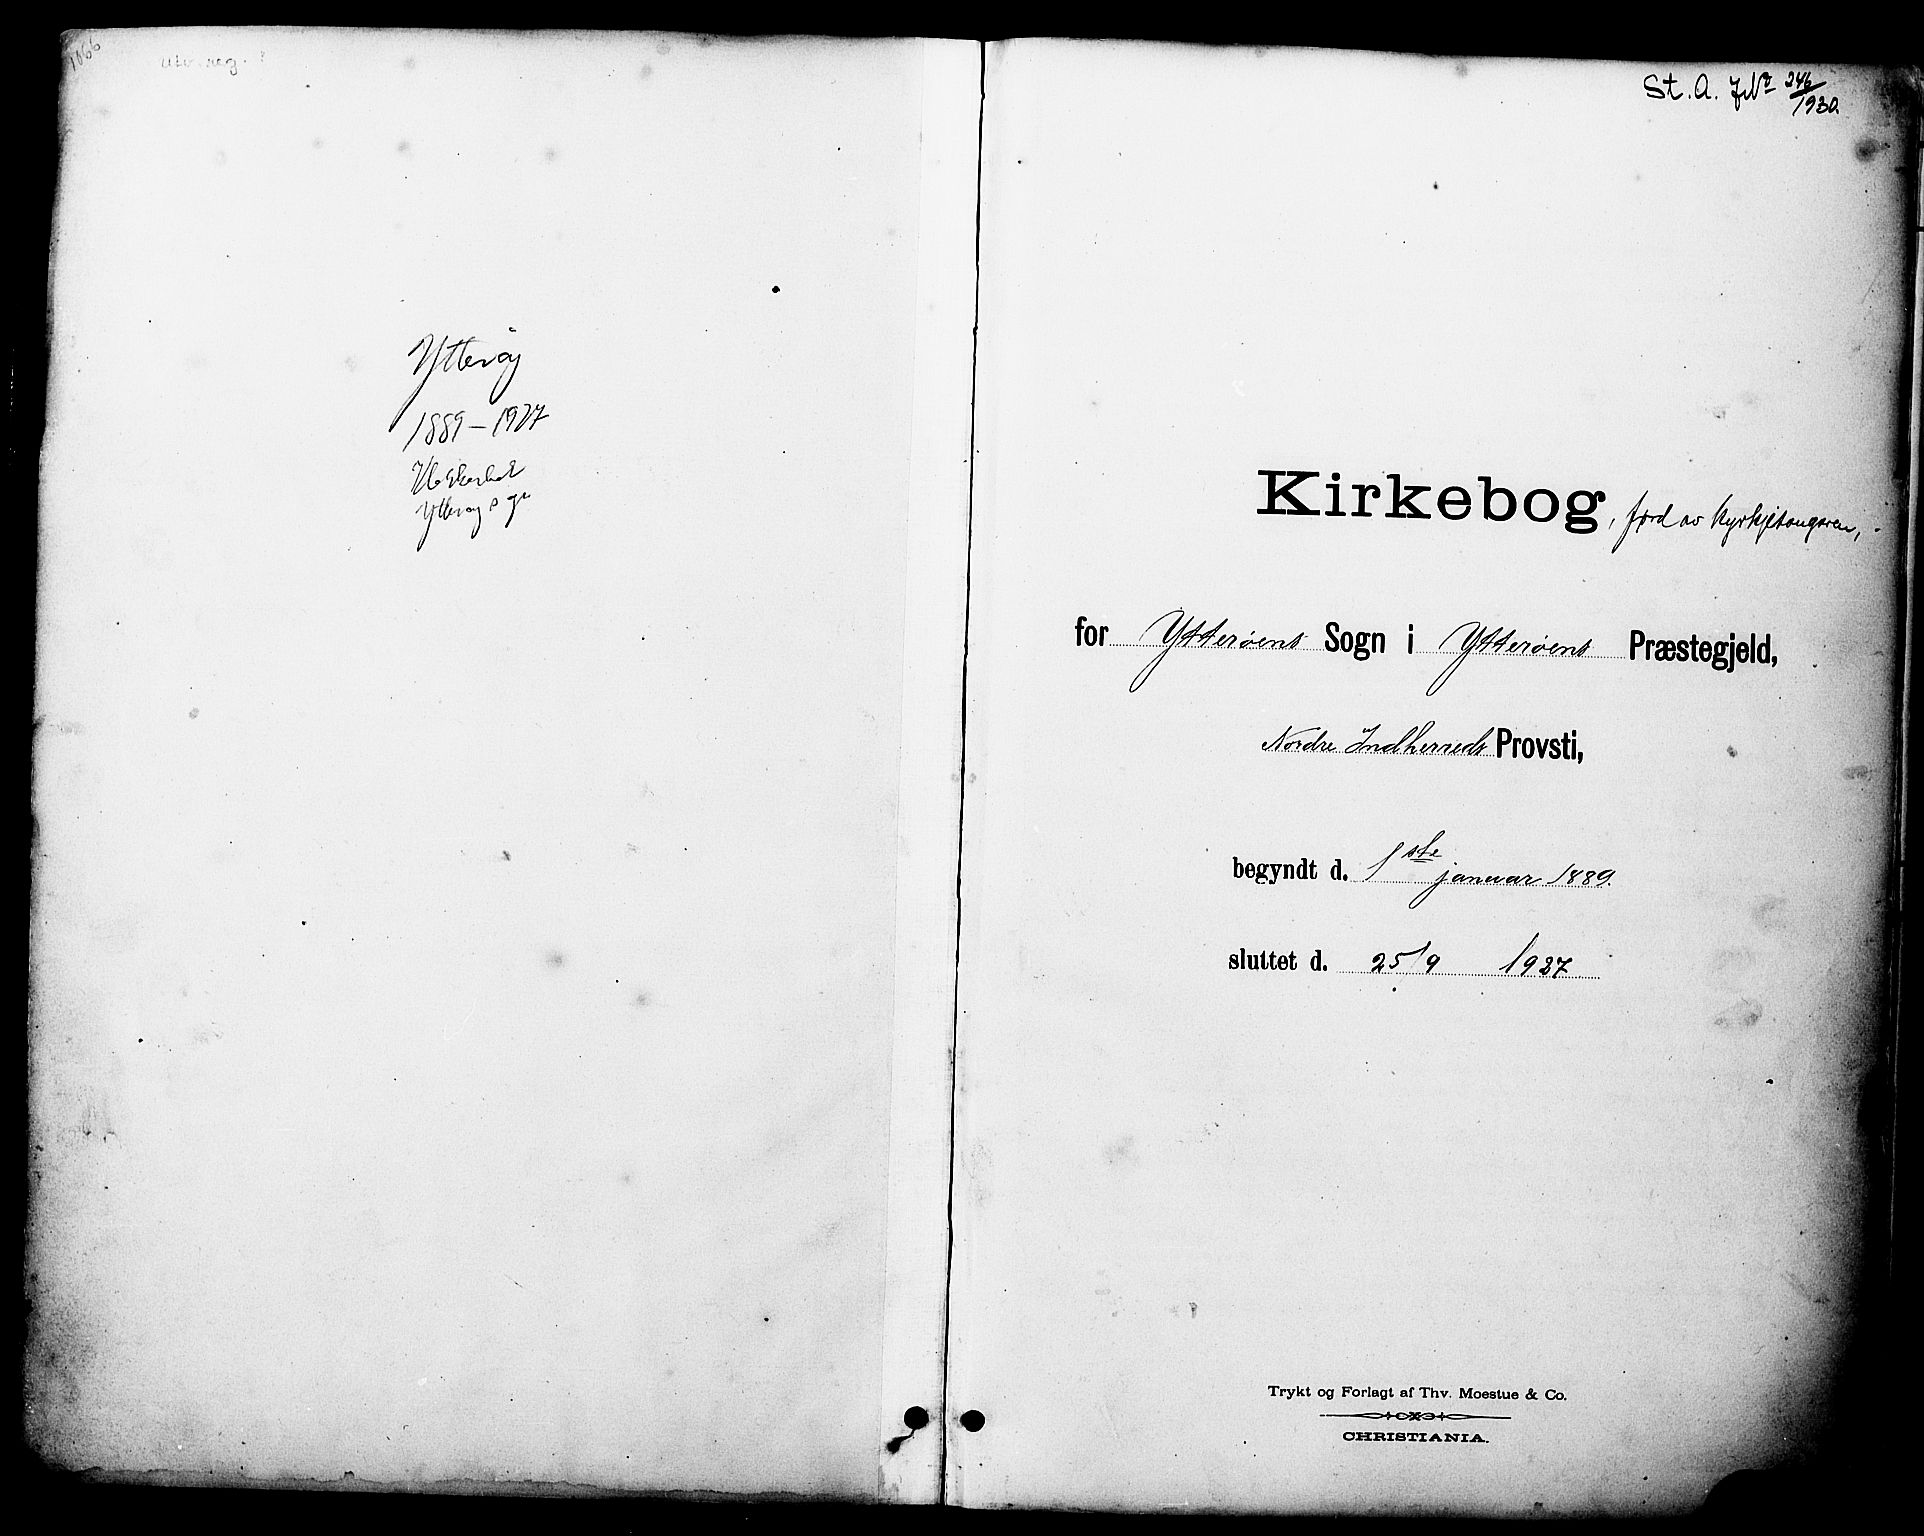 SAT, Ministerialprotokoller, klokkerbøker og fødselsregistre - Nord-Trøndelag, 722/L0226: Klokkerbok nr. 722C02, 1889-1927